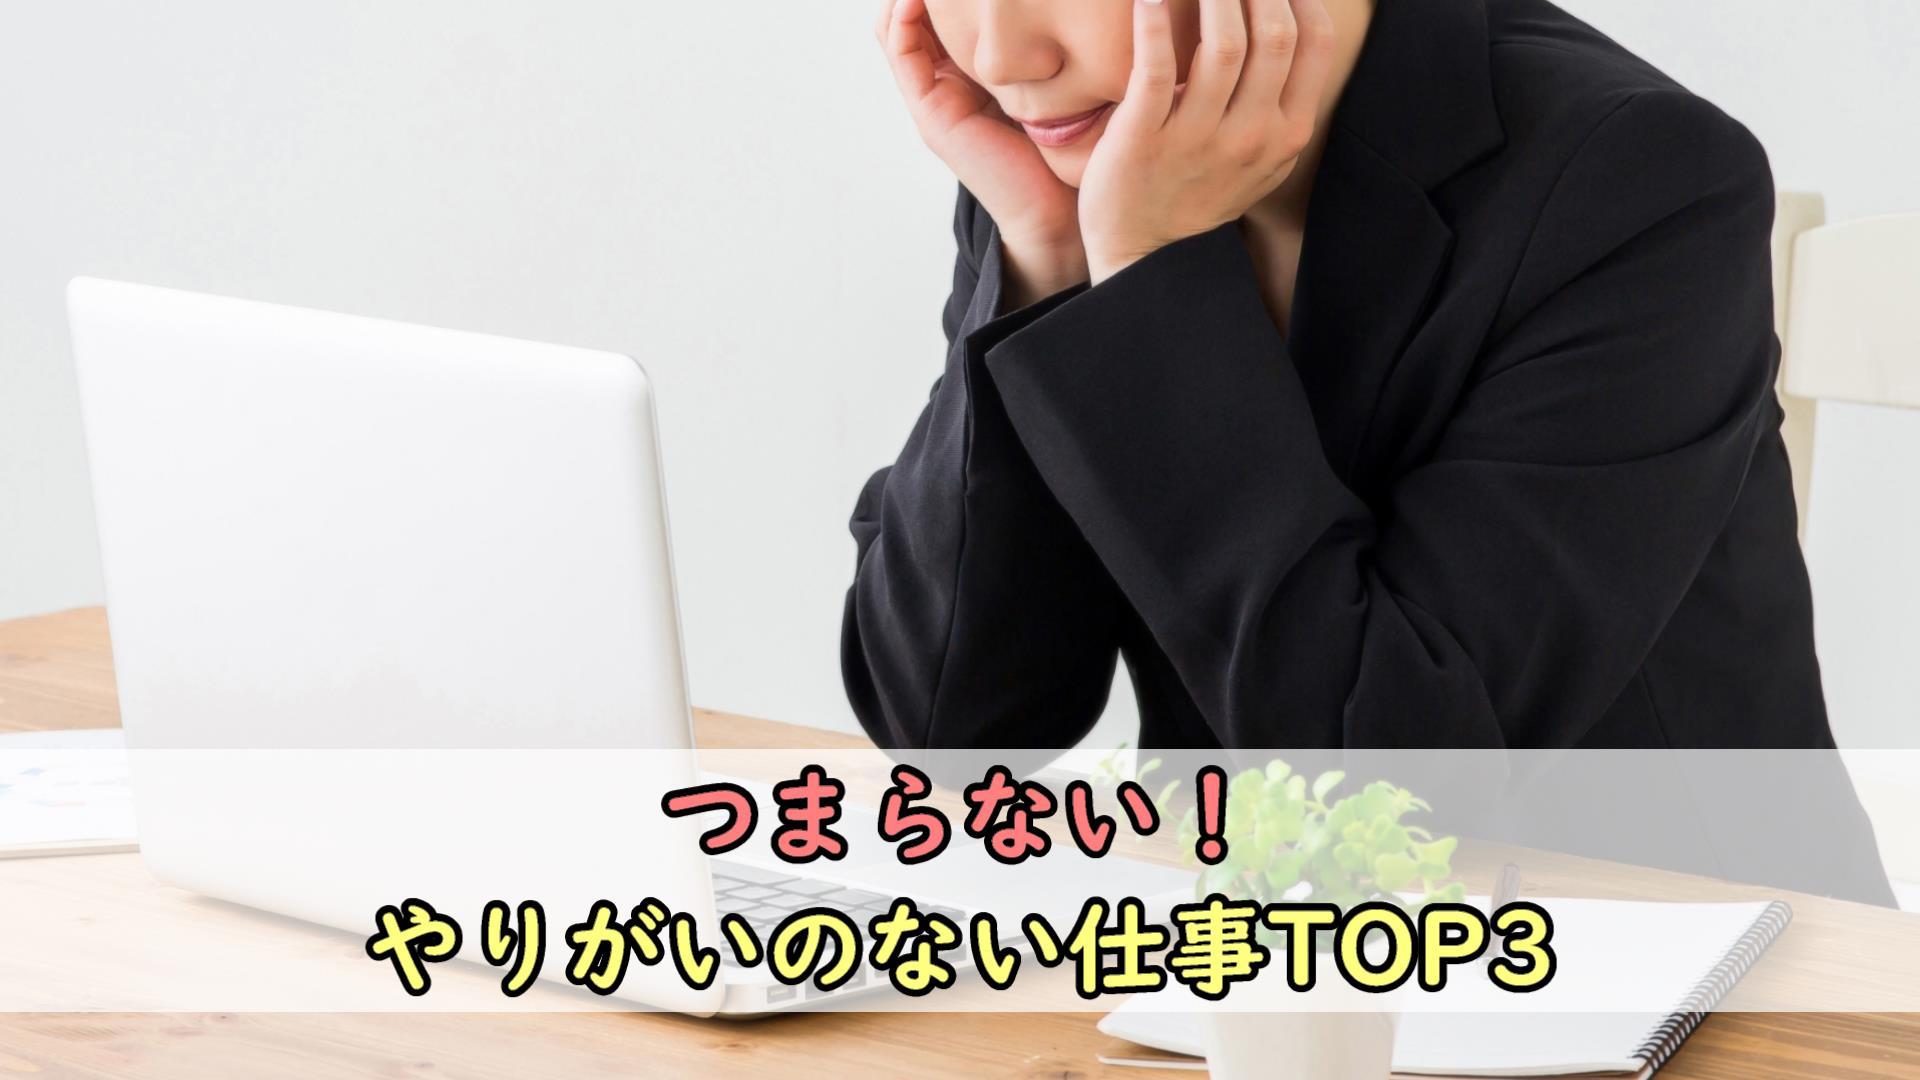 【悲報】つまらない!やりがいのない仕事トップ3